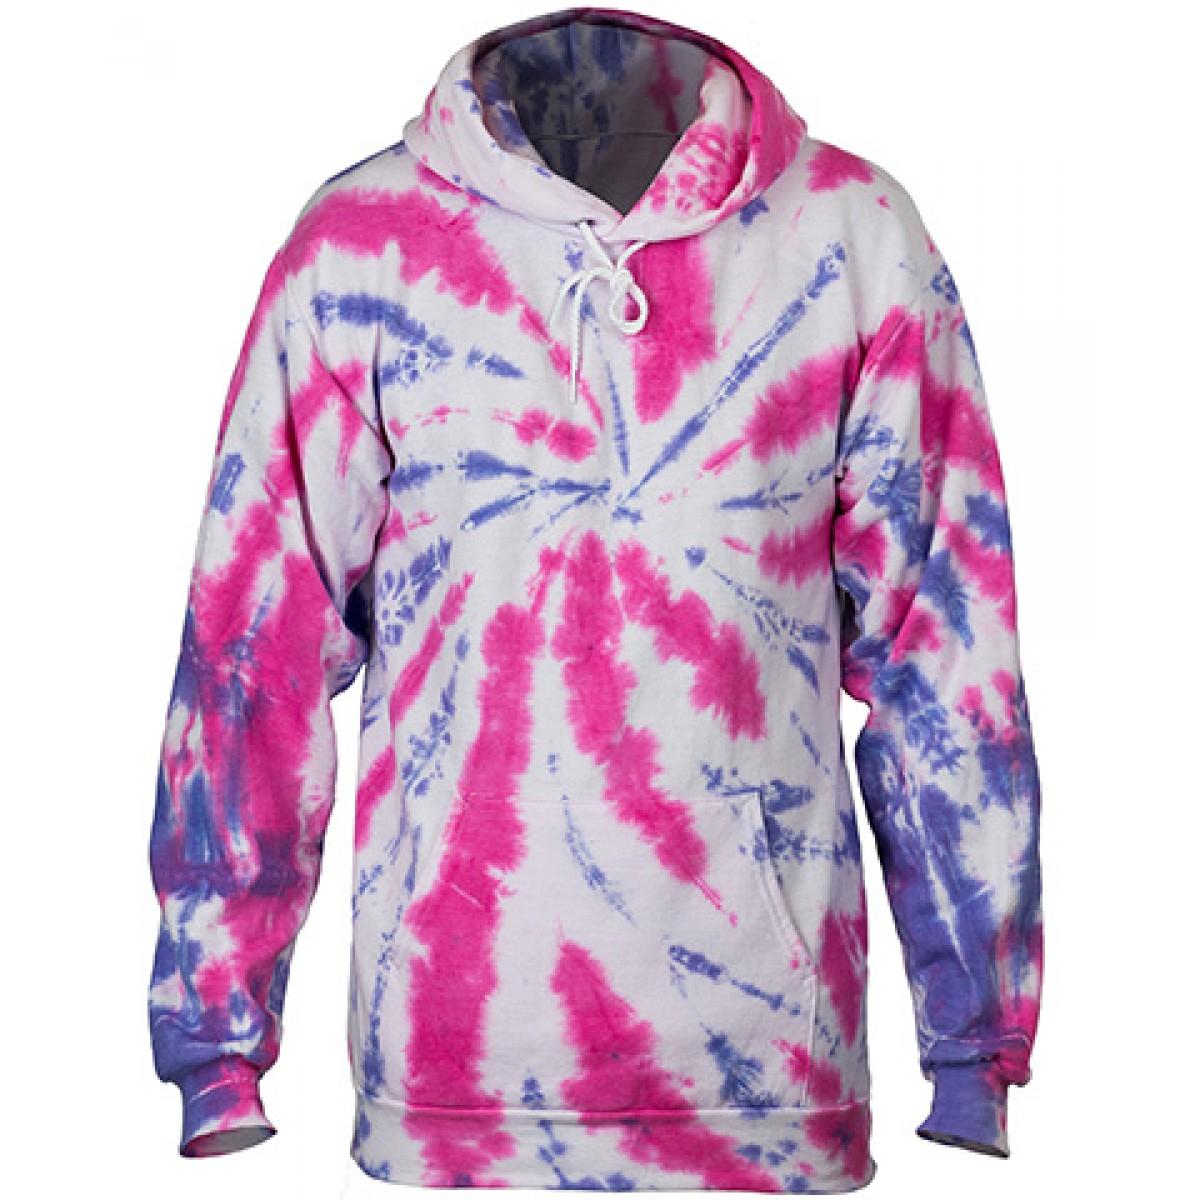 Tie-Dye Pullover Hooded Sweatshirt-Pink-YS